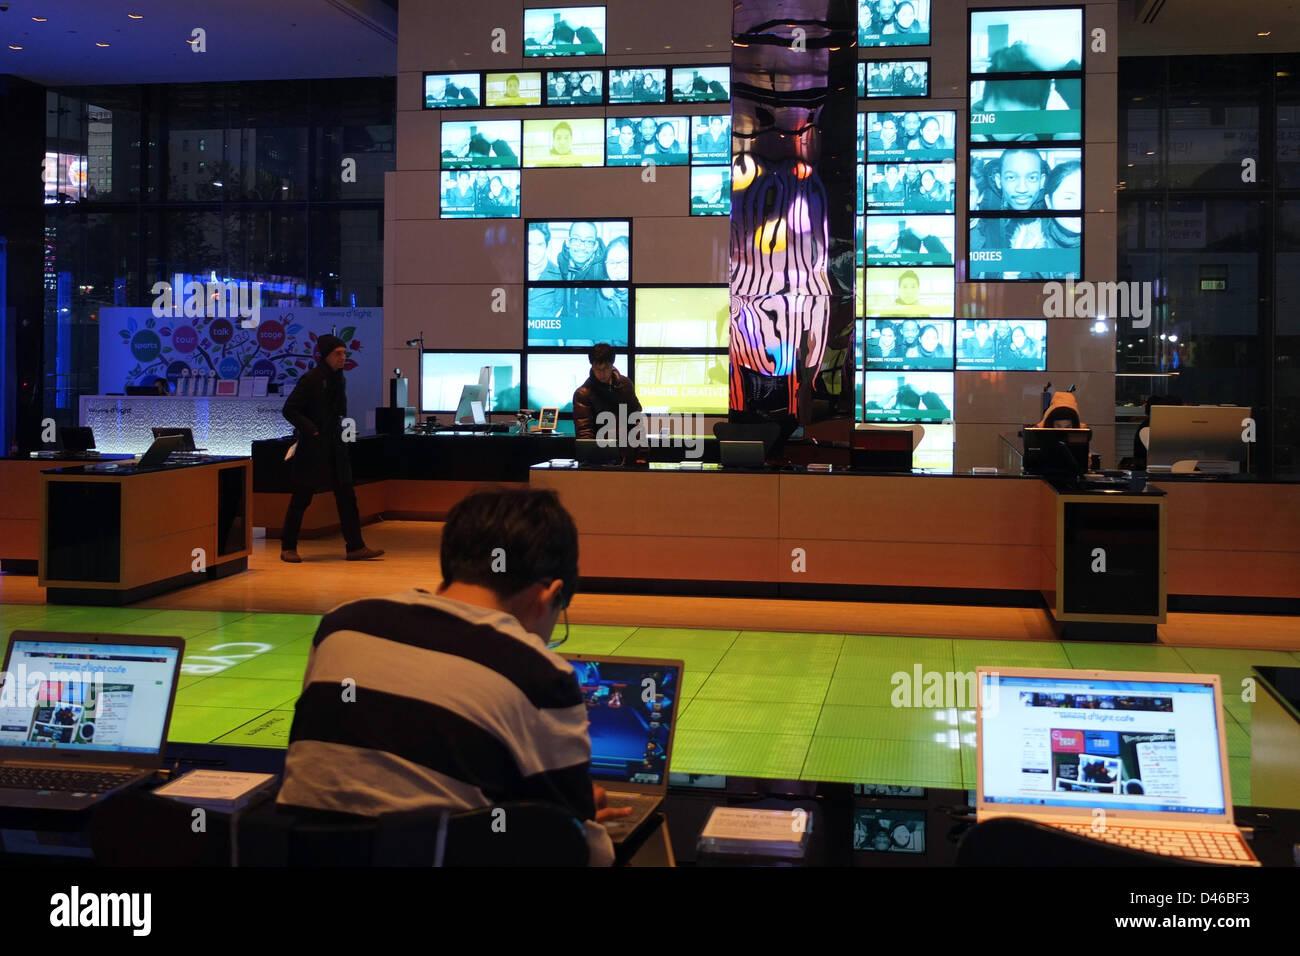 Corea del Sur: Samsung showroom en la sede principal de Kangnam, Seúl Foto de stock